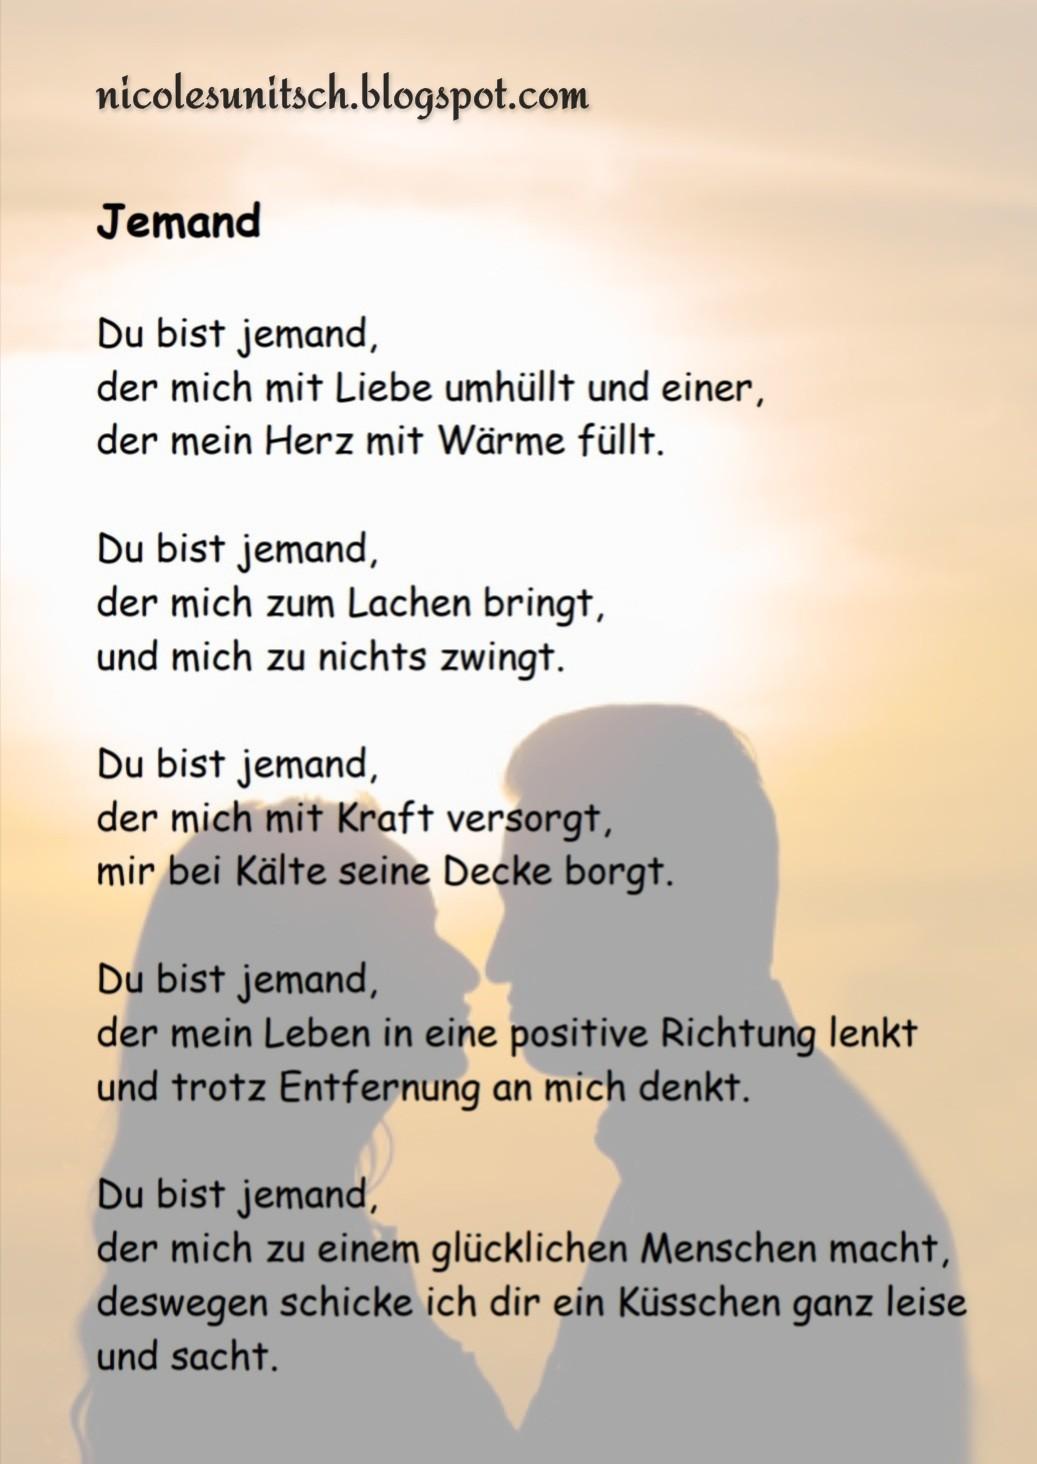 Gedichte Von Nicole Sunitsch Autorin Jemand Gedicht Von